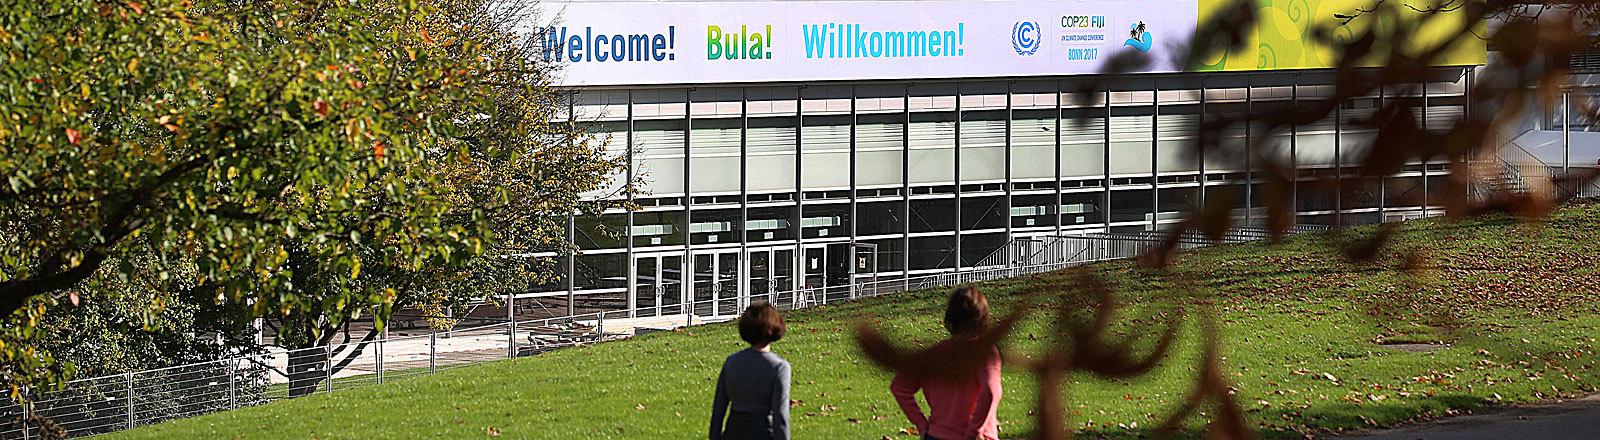 Spaziergänger gehen in Bonn an einem Zelt für die UN-Weltklimakonferenz vorbei.